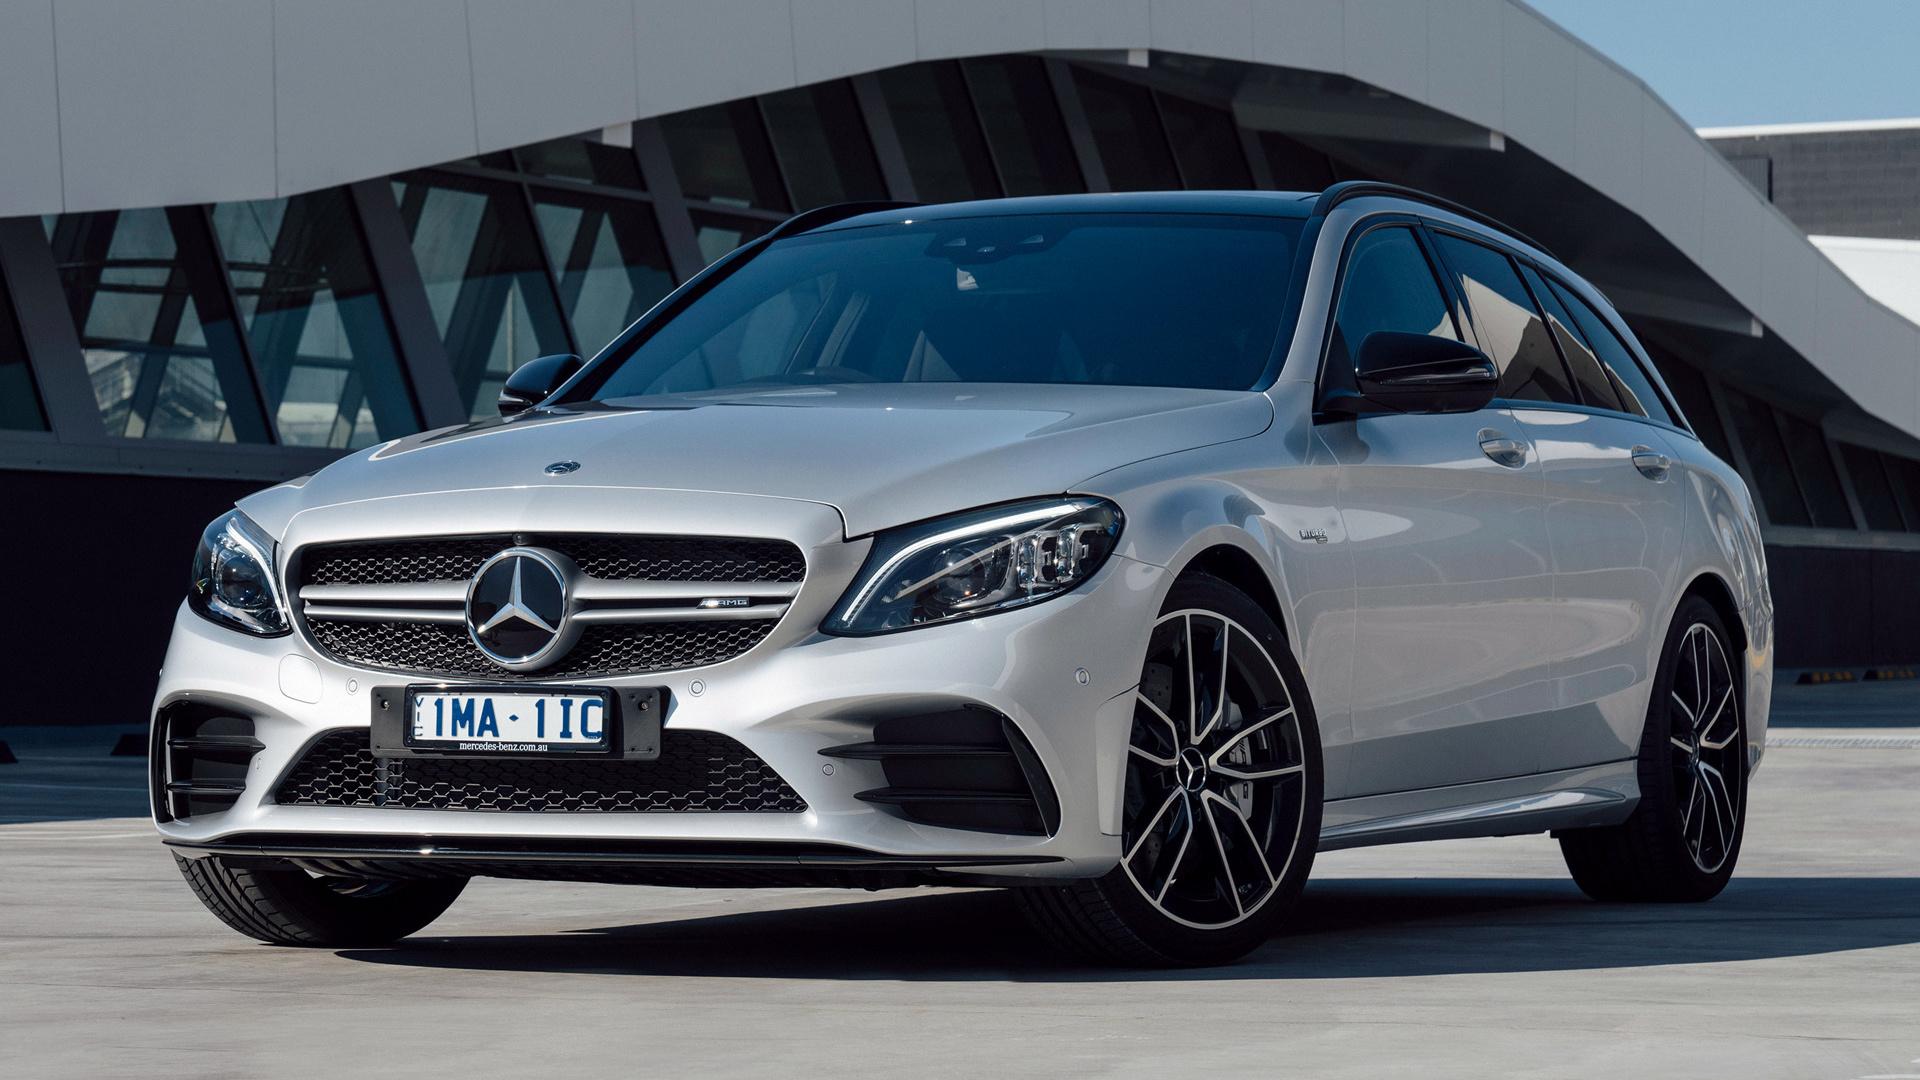 Get Mercedes Benz C200 Amg Wallpaper PNG